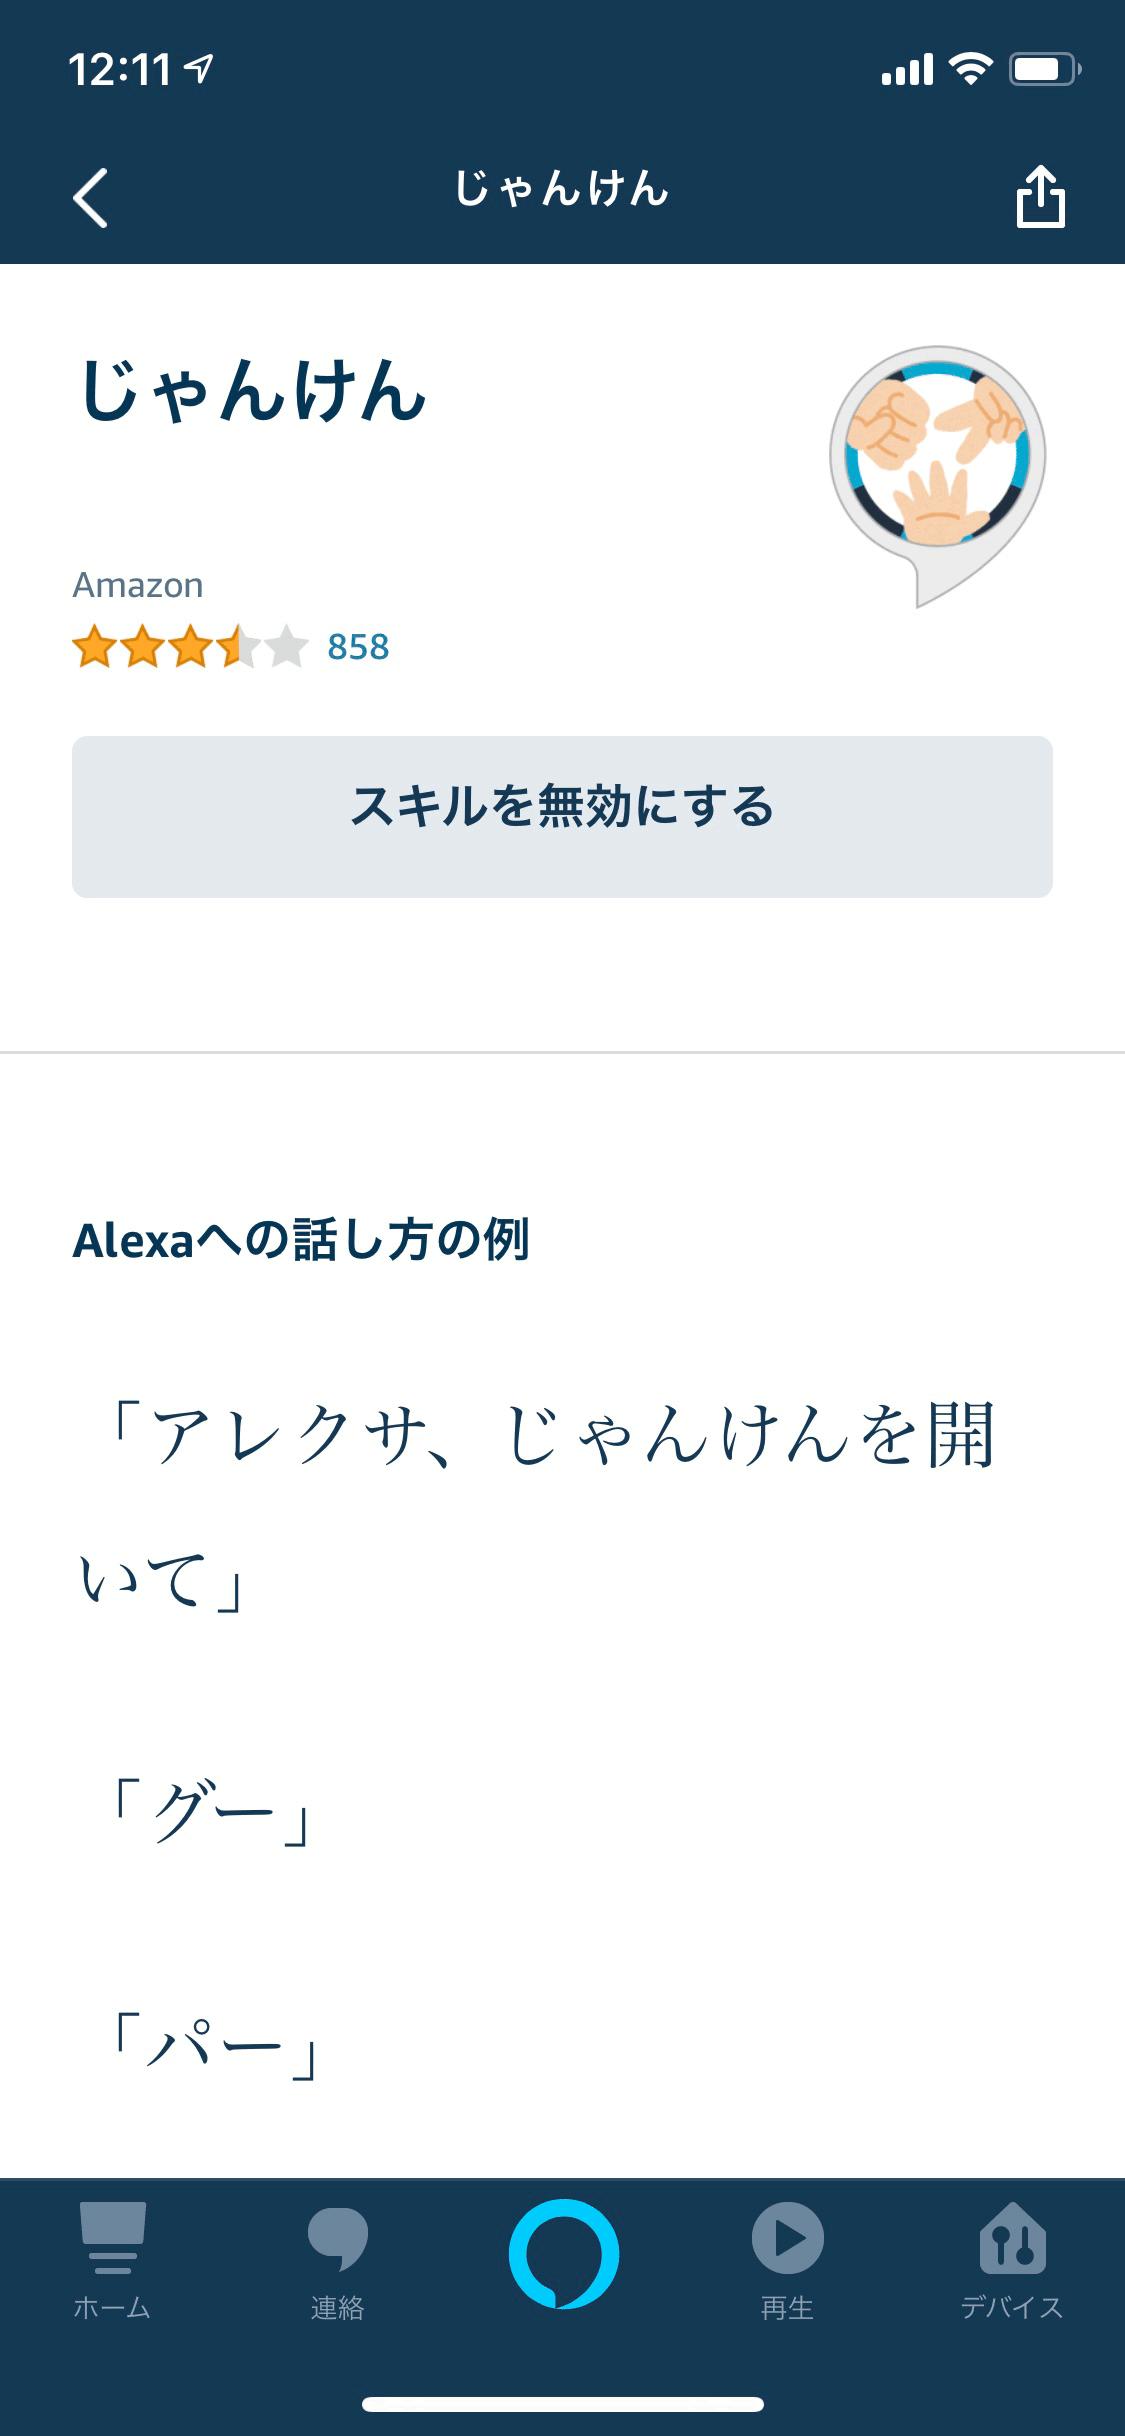 カスタムスキル詳細ページのAlexaアプリでの表示例